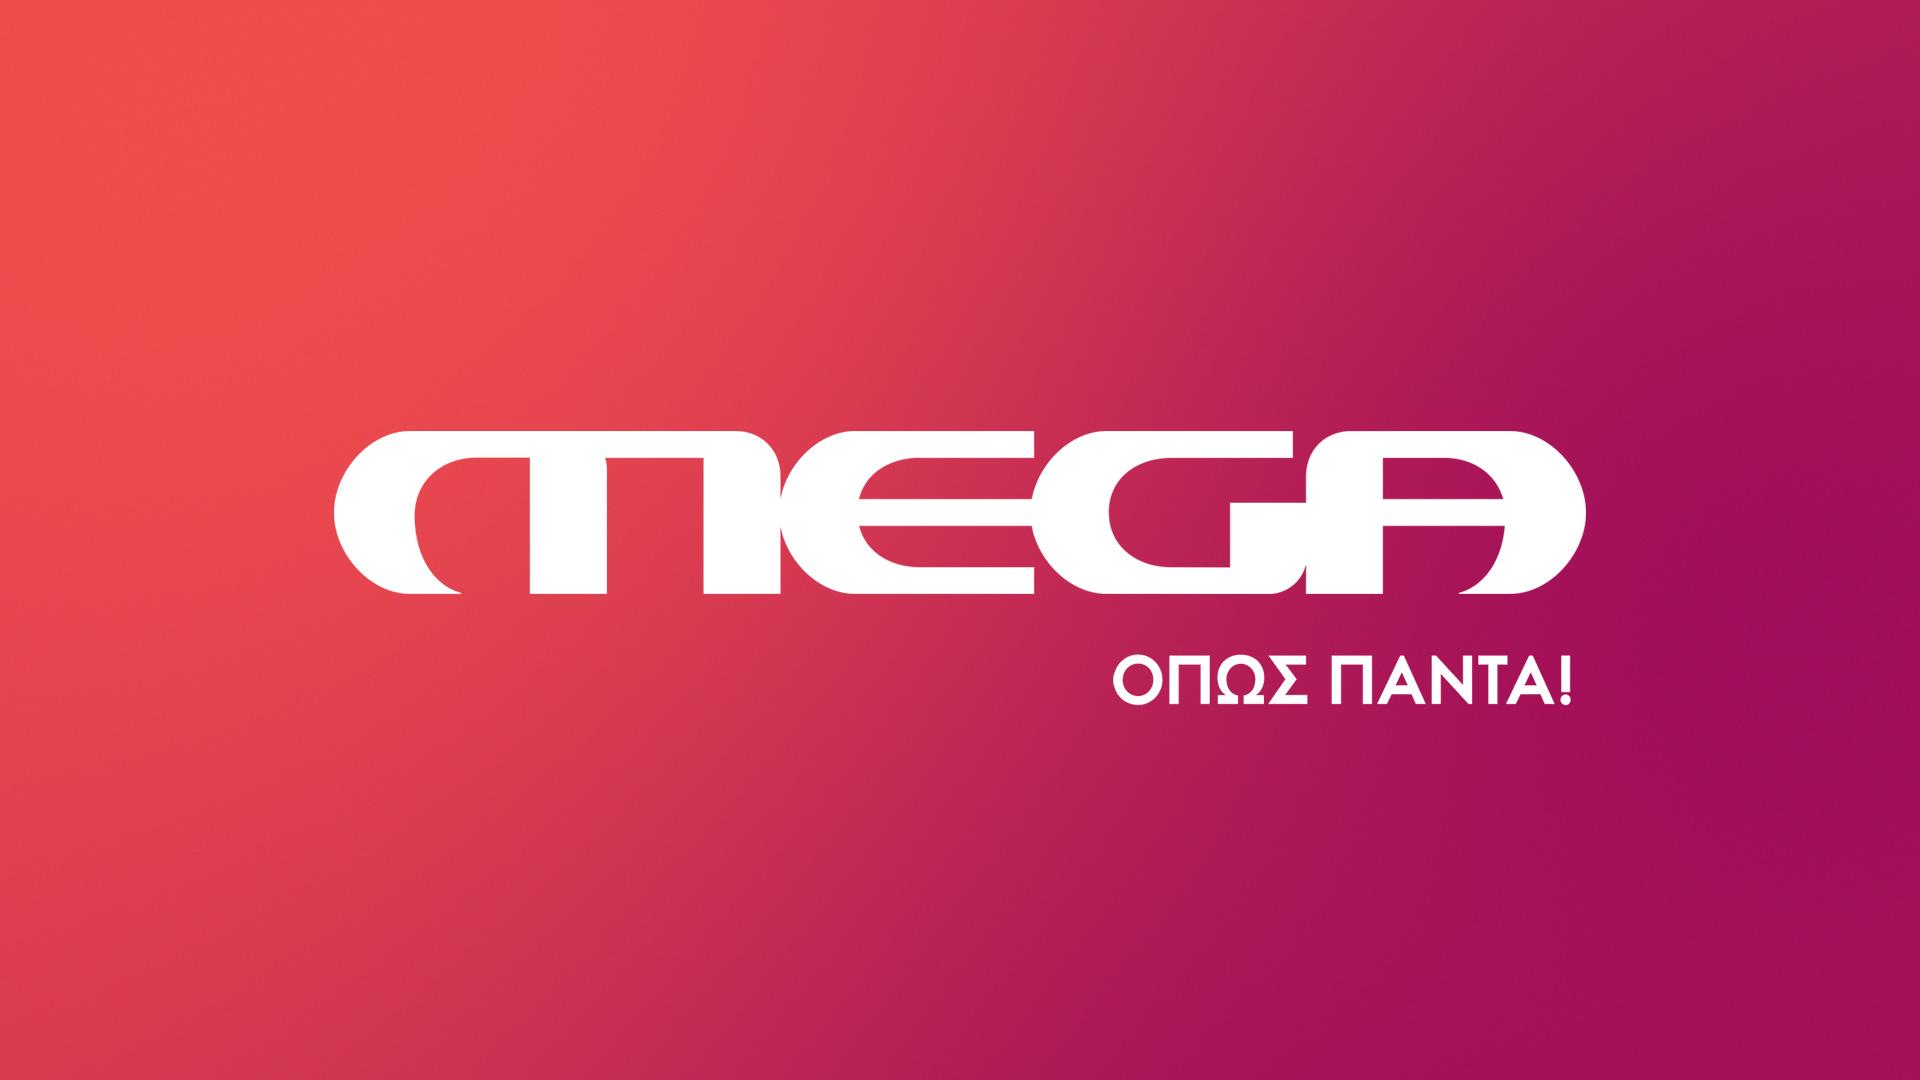 MEGA: Ακολουθεί το μοντέλο ΑΝΤ1 στην ενημέρωση - Φωτογραφία 1